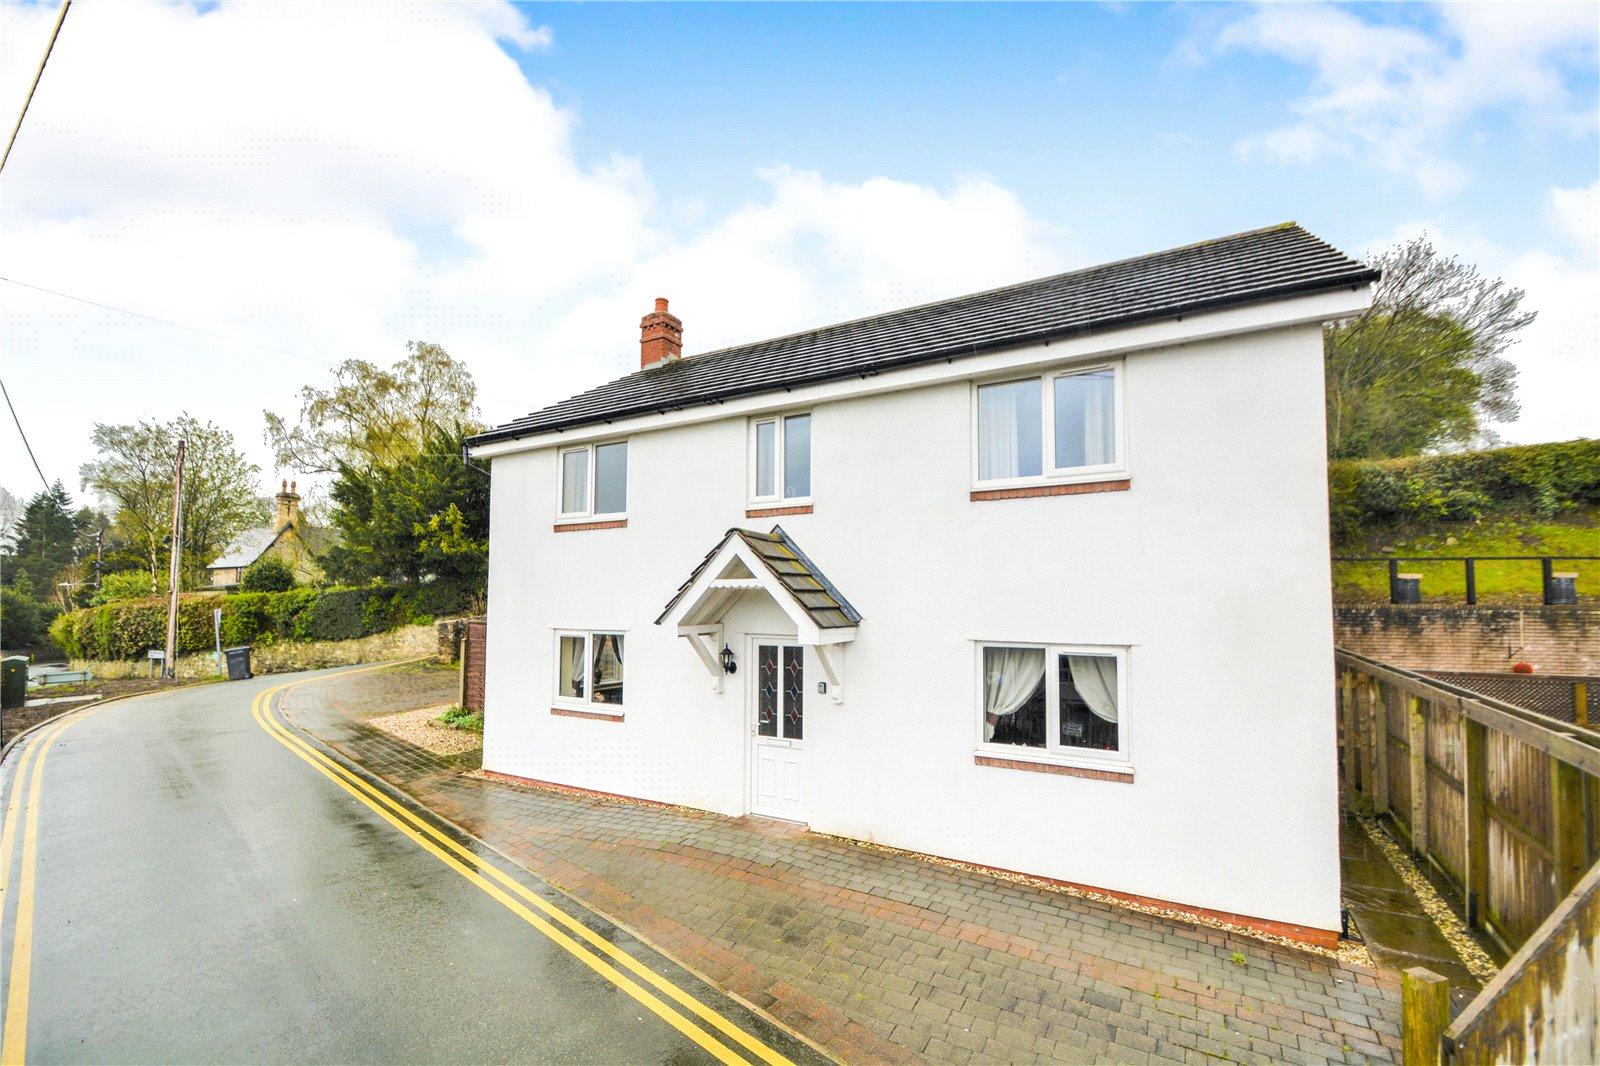 Stoney Cottage, Gyrn Road, Selattyn, Oswestry, Shropshire, SY10